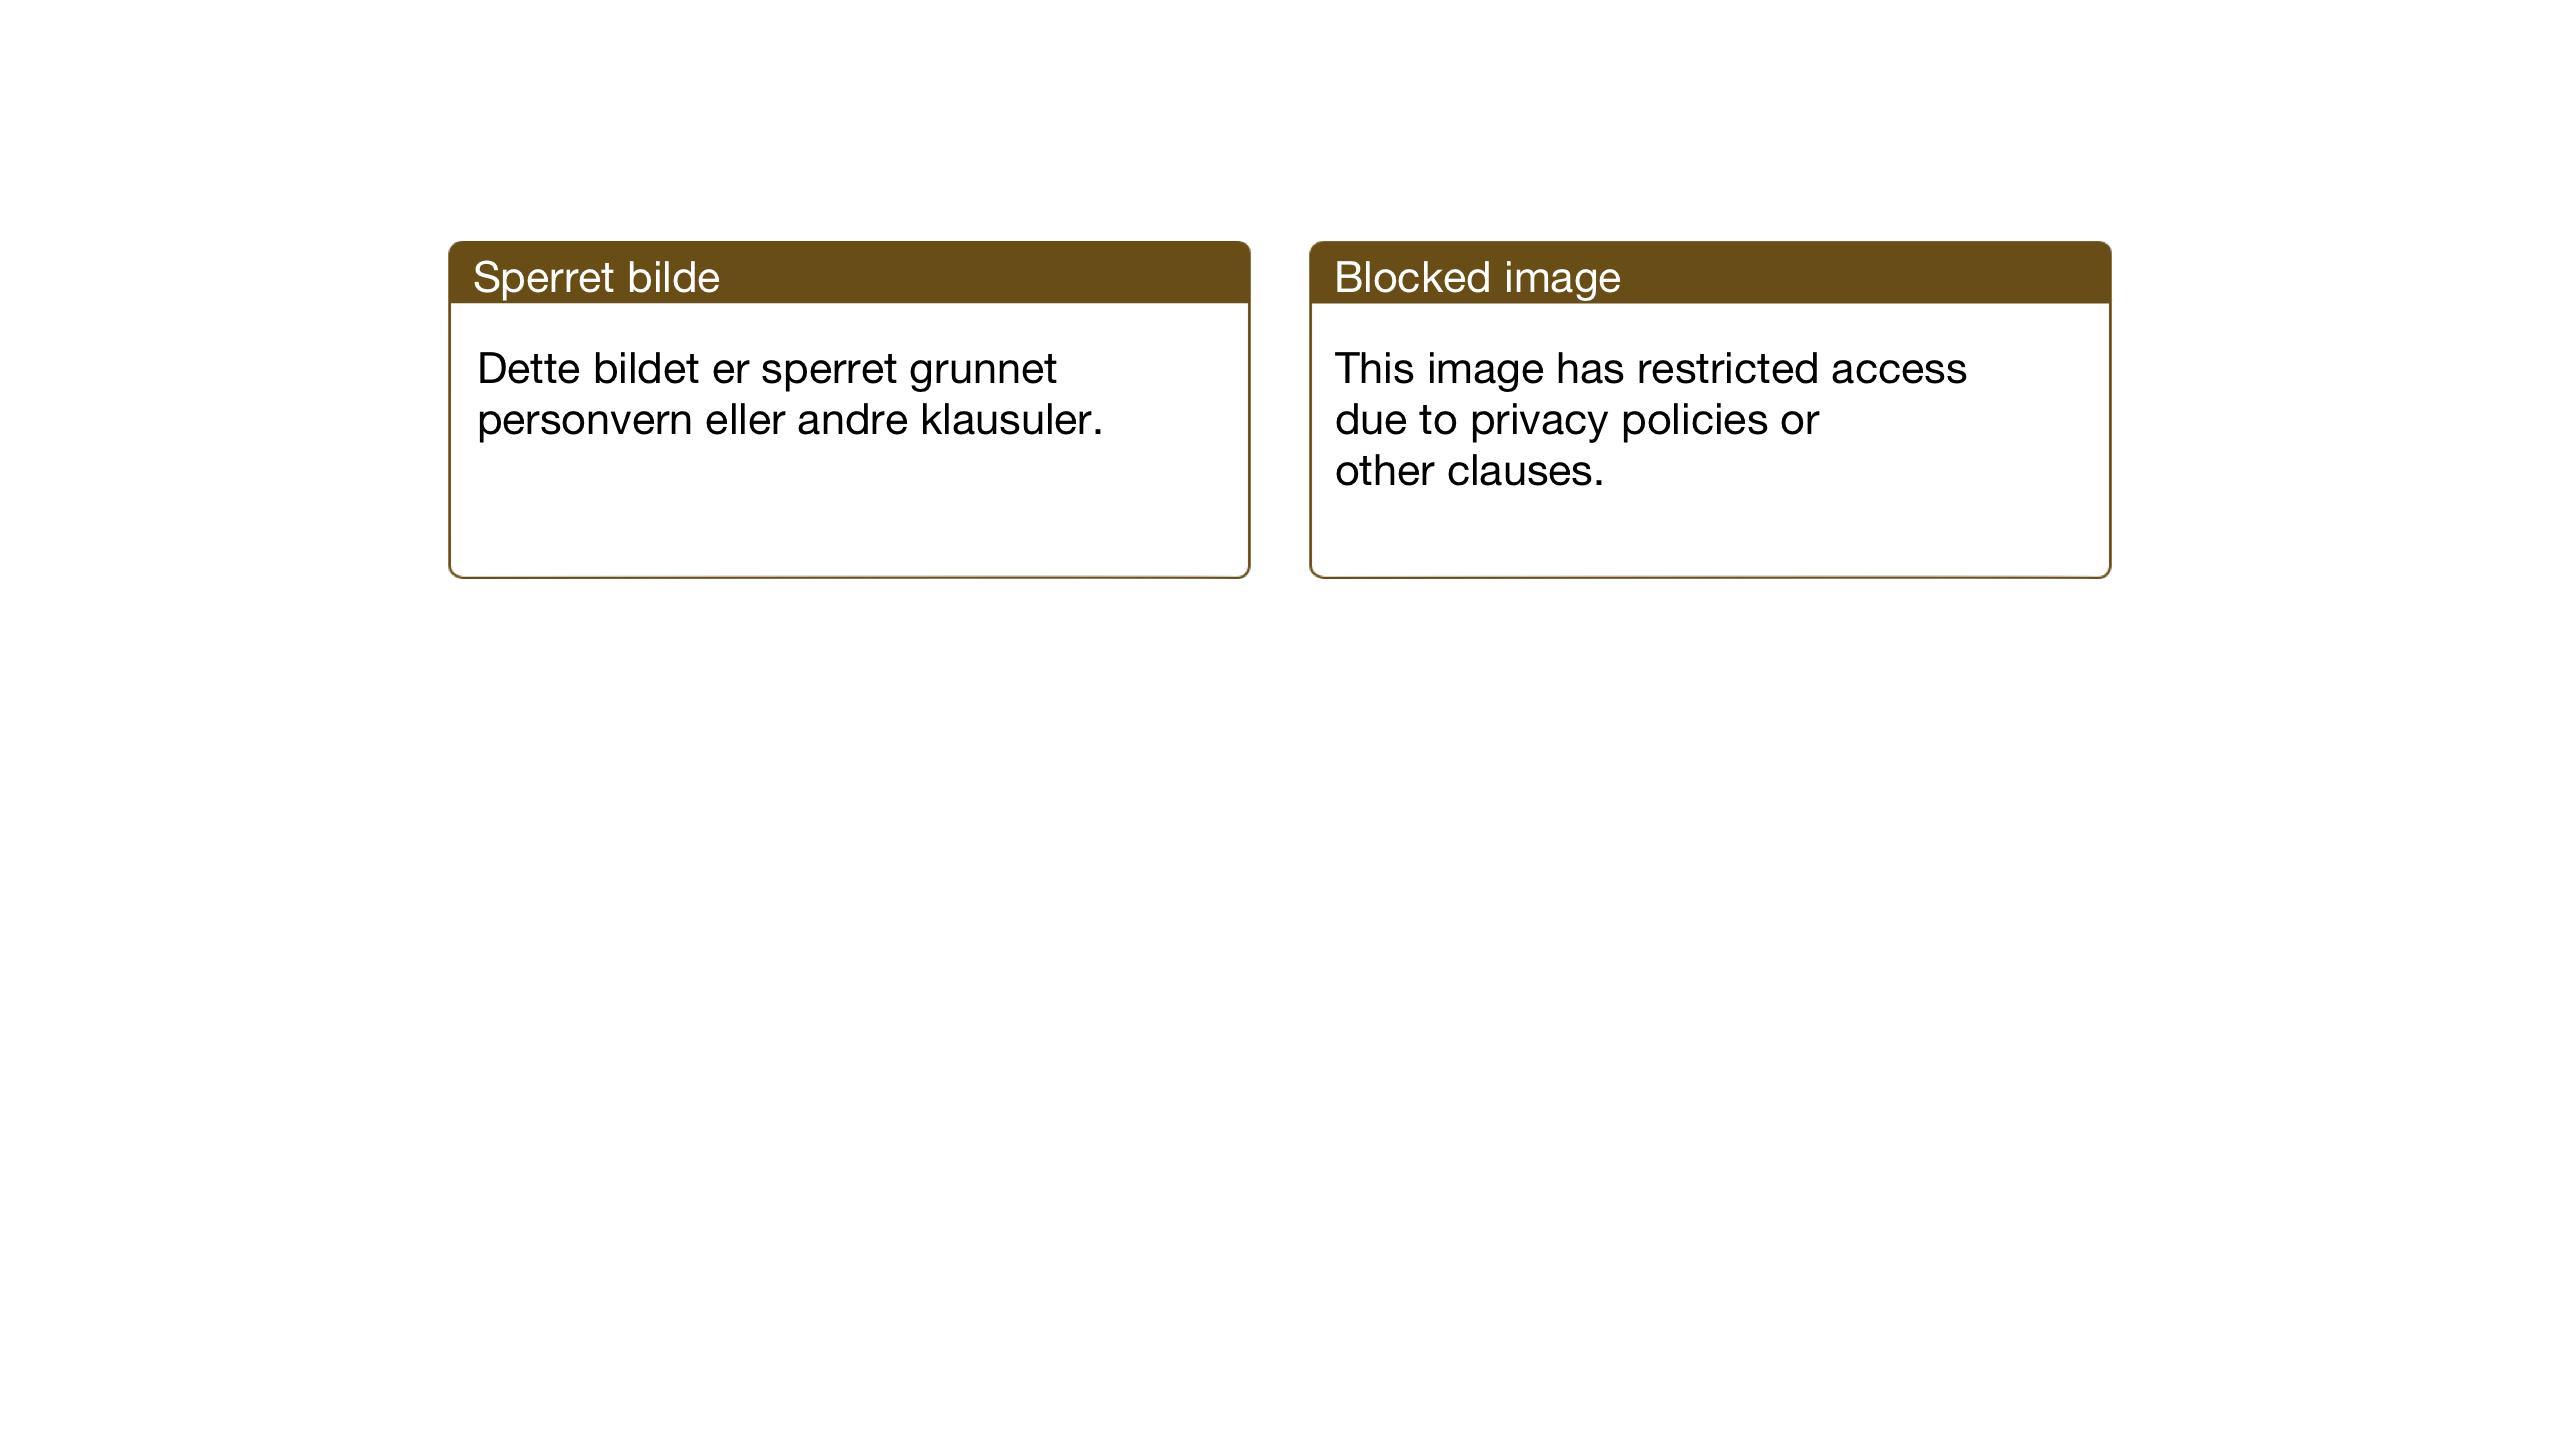 SAT, Ministerialprotokoller, klokkerbøker og fødselsregistre - Sør-Trøndelag, 698/L1169: Klokkerbok nr. 698C06, 1930-1949, s. 81